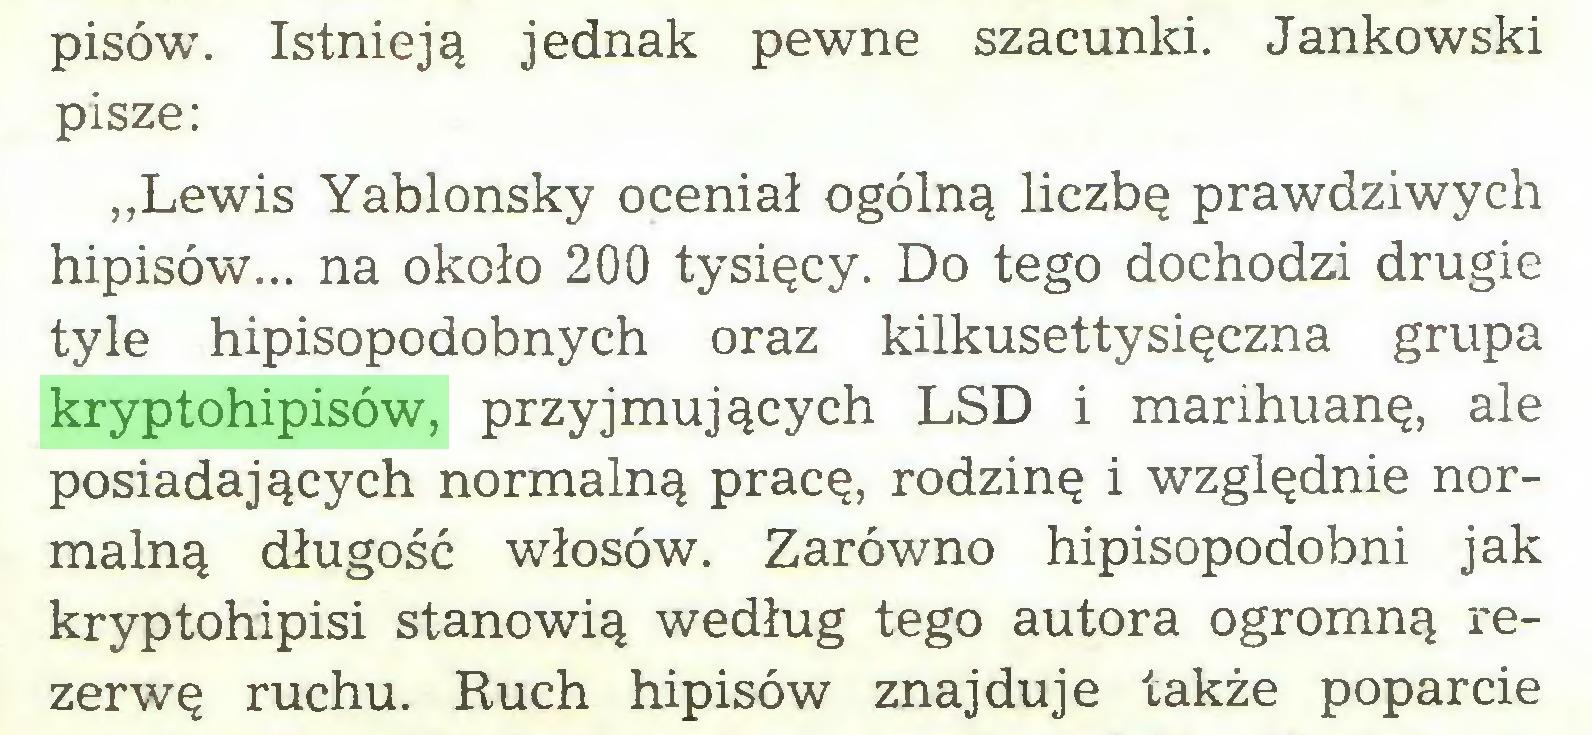 """(...) pisów. Istnieją jednak pewne szacunki. Jankowski pisze: """"Lewis Yablonsky oceniał ogólną liczbę prawdziwych hipisów... na około 200 tysięcy. Do tego dochodzi drugie tyle hipisopodobnych oraz kilkusettysięczna grupa kryptohipisów, przyjmujących LSD i marihuanę, ale posiadających normalną pracę, rodzinę i względnie normalną długość włosów. Zarówno hipisopodobni jak kryptohipisi stanowią według tego autora ogromną rezerwę ruchu. Ruch hipisów znajduje także poparcie..."""